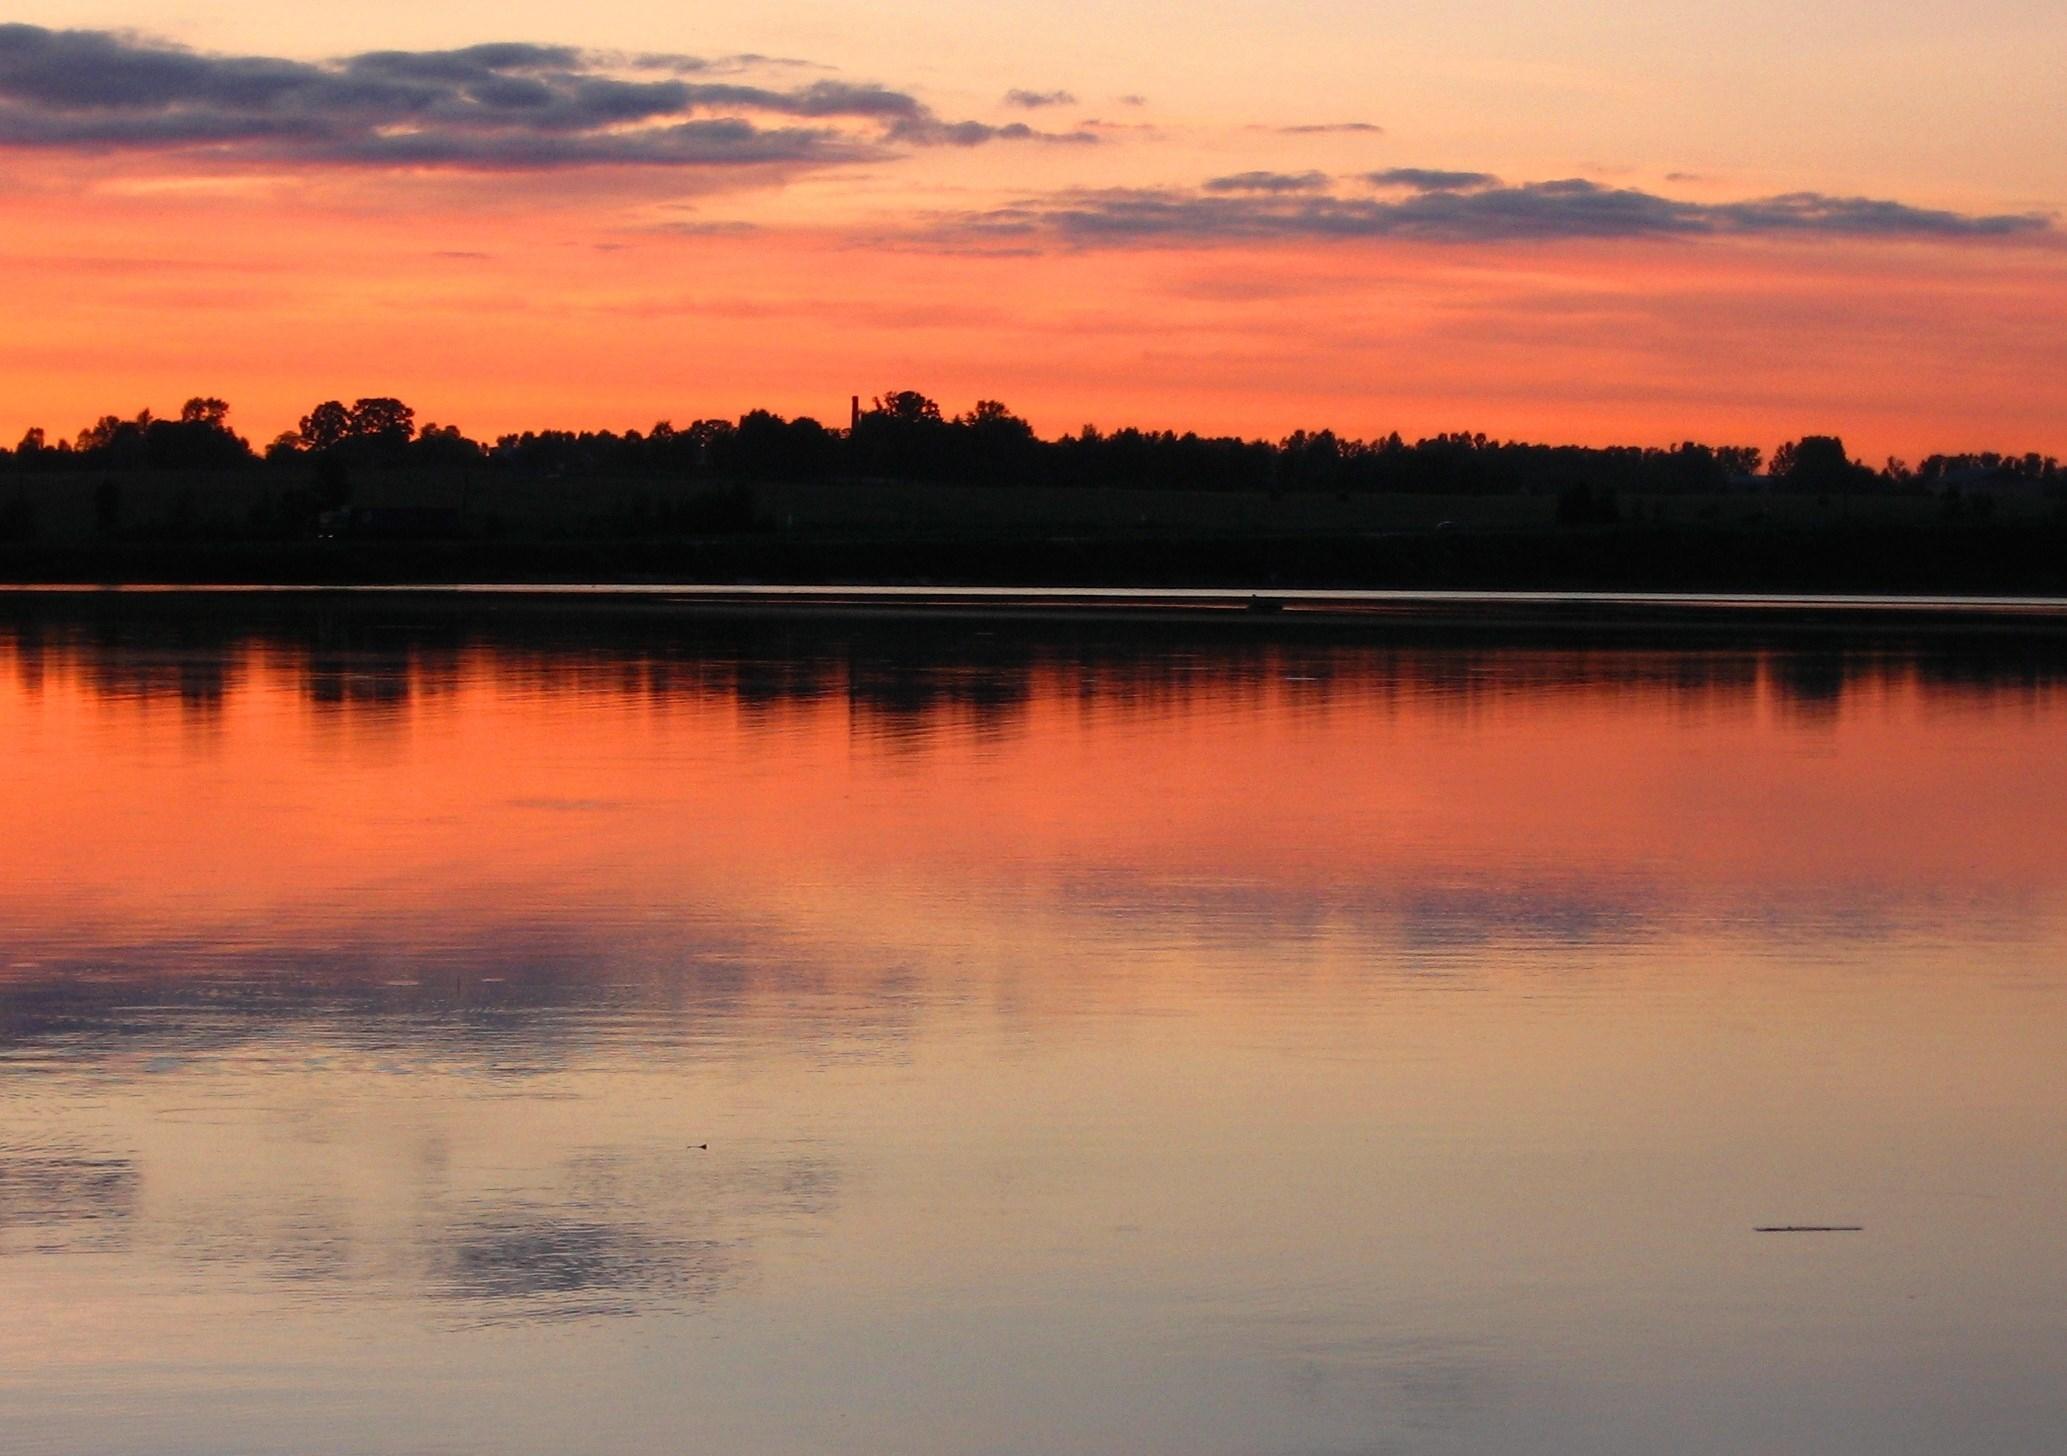 торбеево озеро вечернее фото фото людей, событий